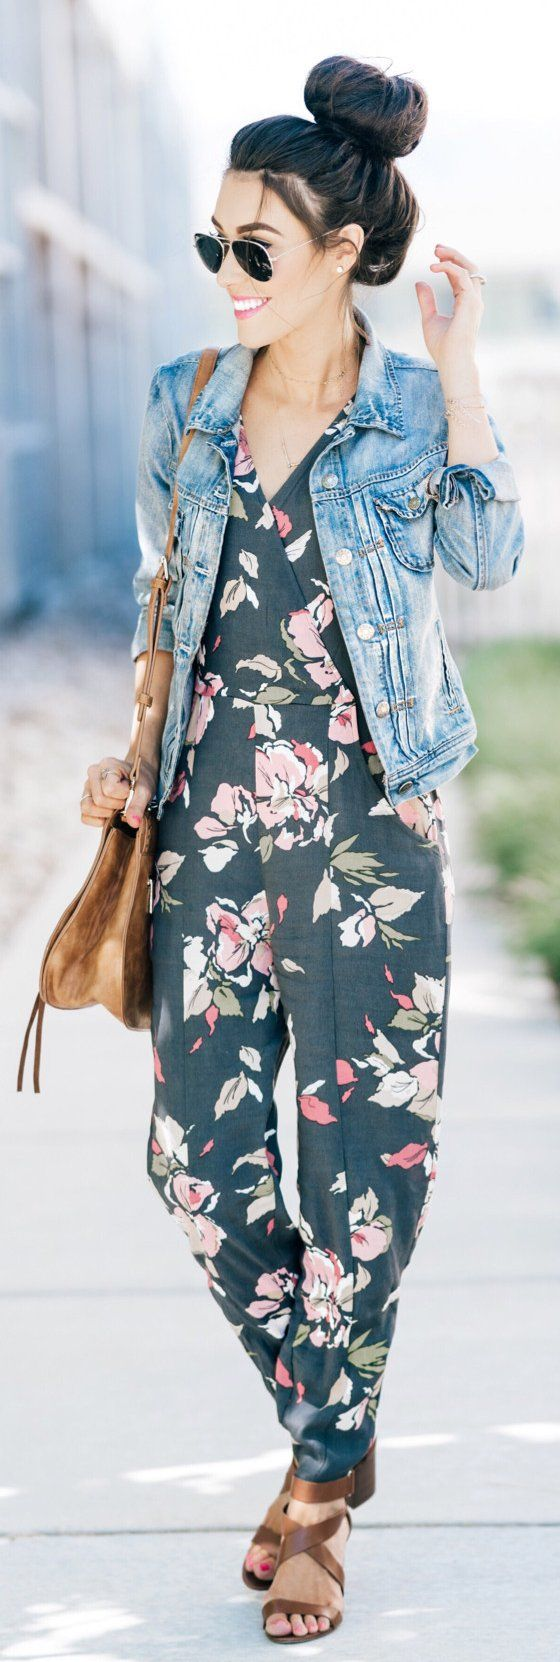 #summer #outfits Excited à partager sa trousse amusante sur le blog aujourd'hui!  Parlez d'une tenue pour vendredi!  J'adore cette combinaison!  Le motif, l'ajustement, et que vous pouvez l'utiliser pour autant d'occasions.  Plus de détails et de liens sur le blog, mais c'est seulement 78 $!  // Veste Denim + Combinaison Florale + Sandales Marron